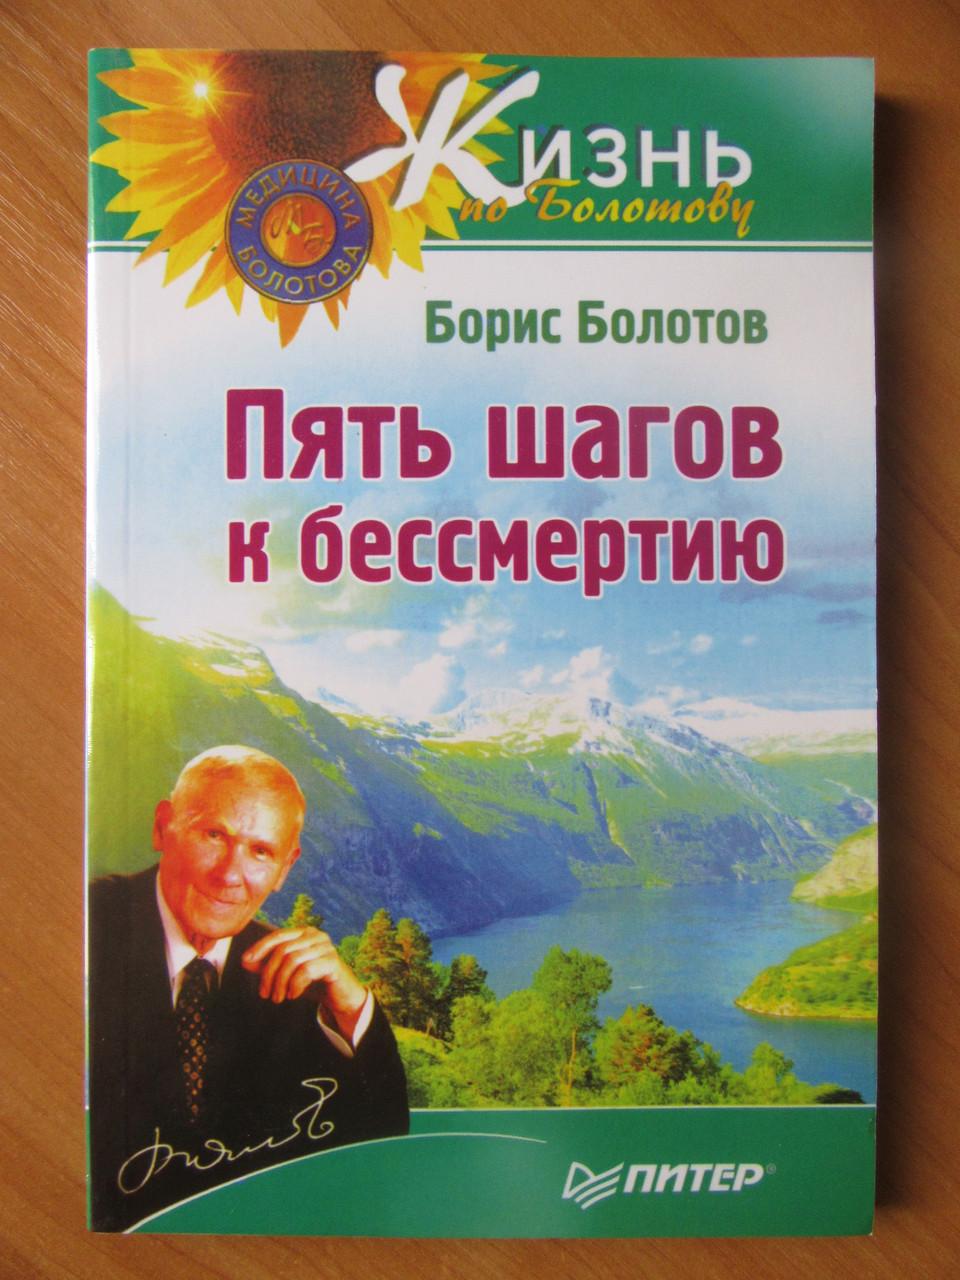 Борис Болотов. Пять шагов к бессмертию